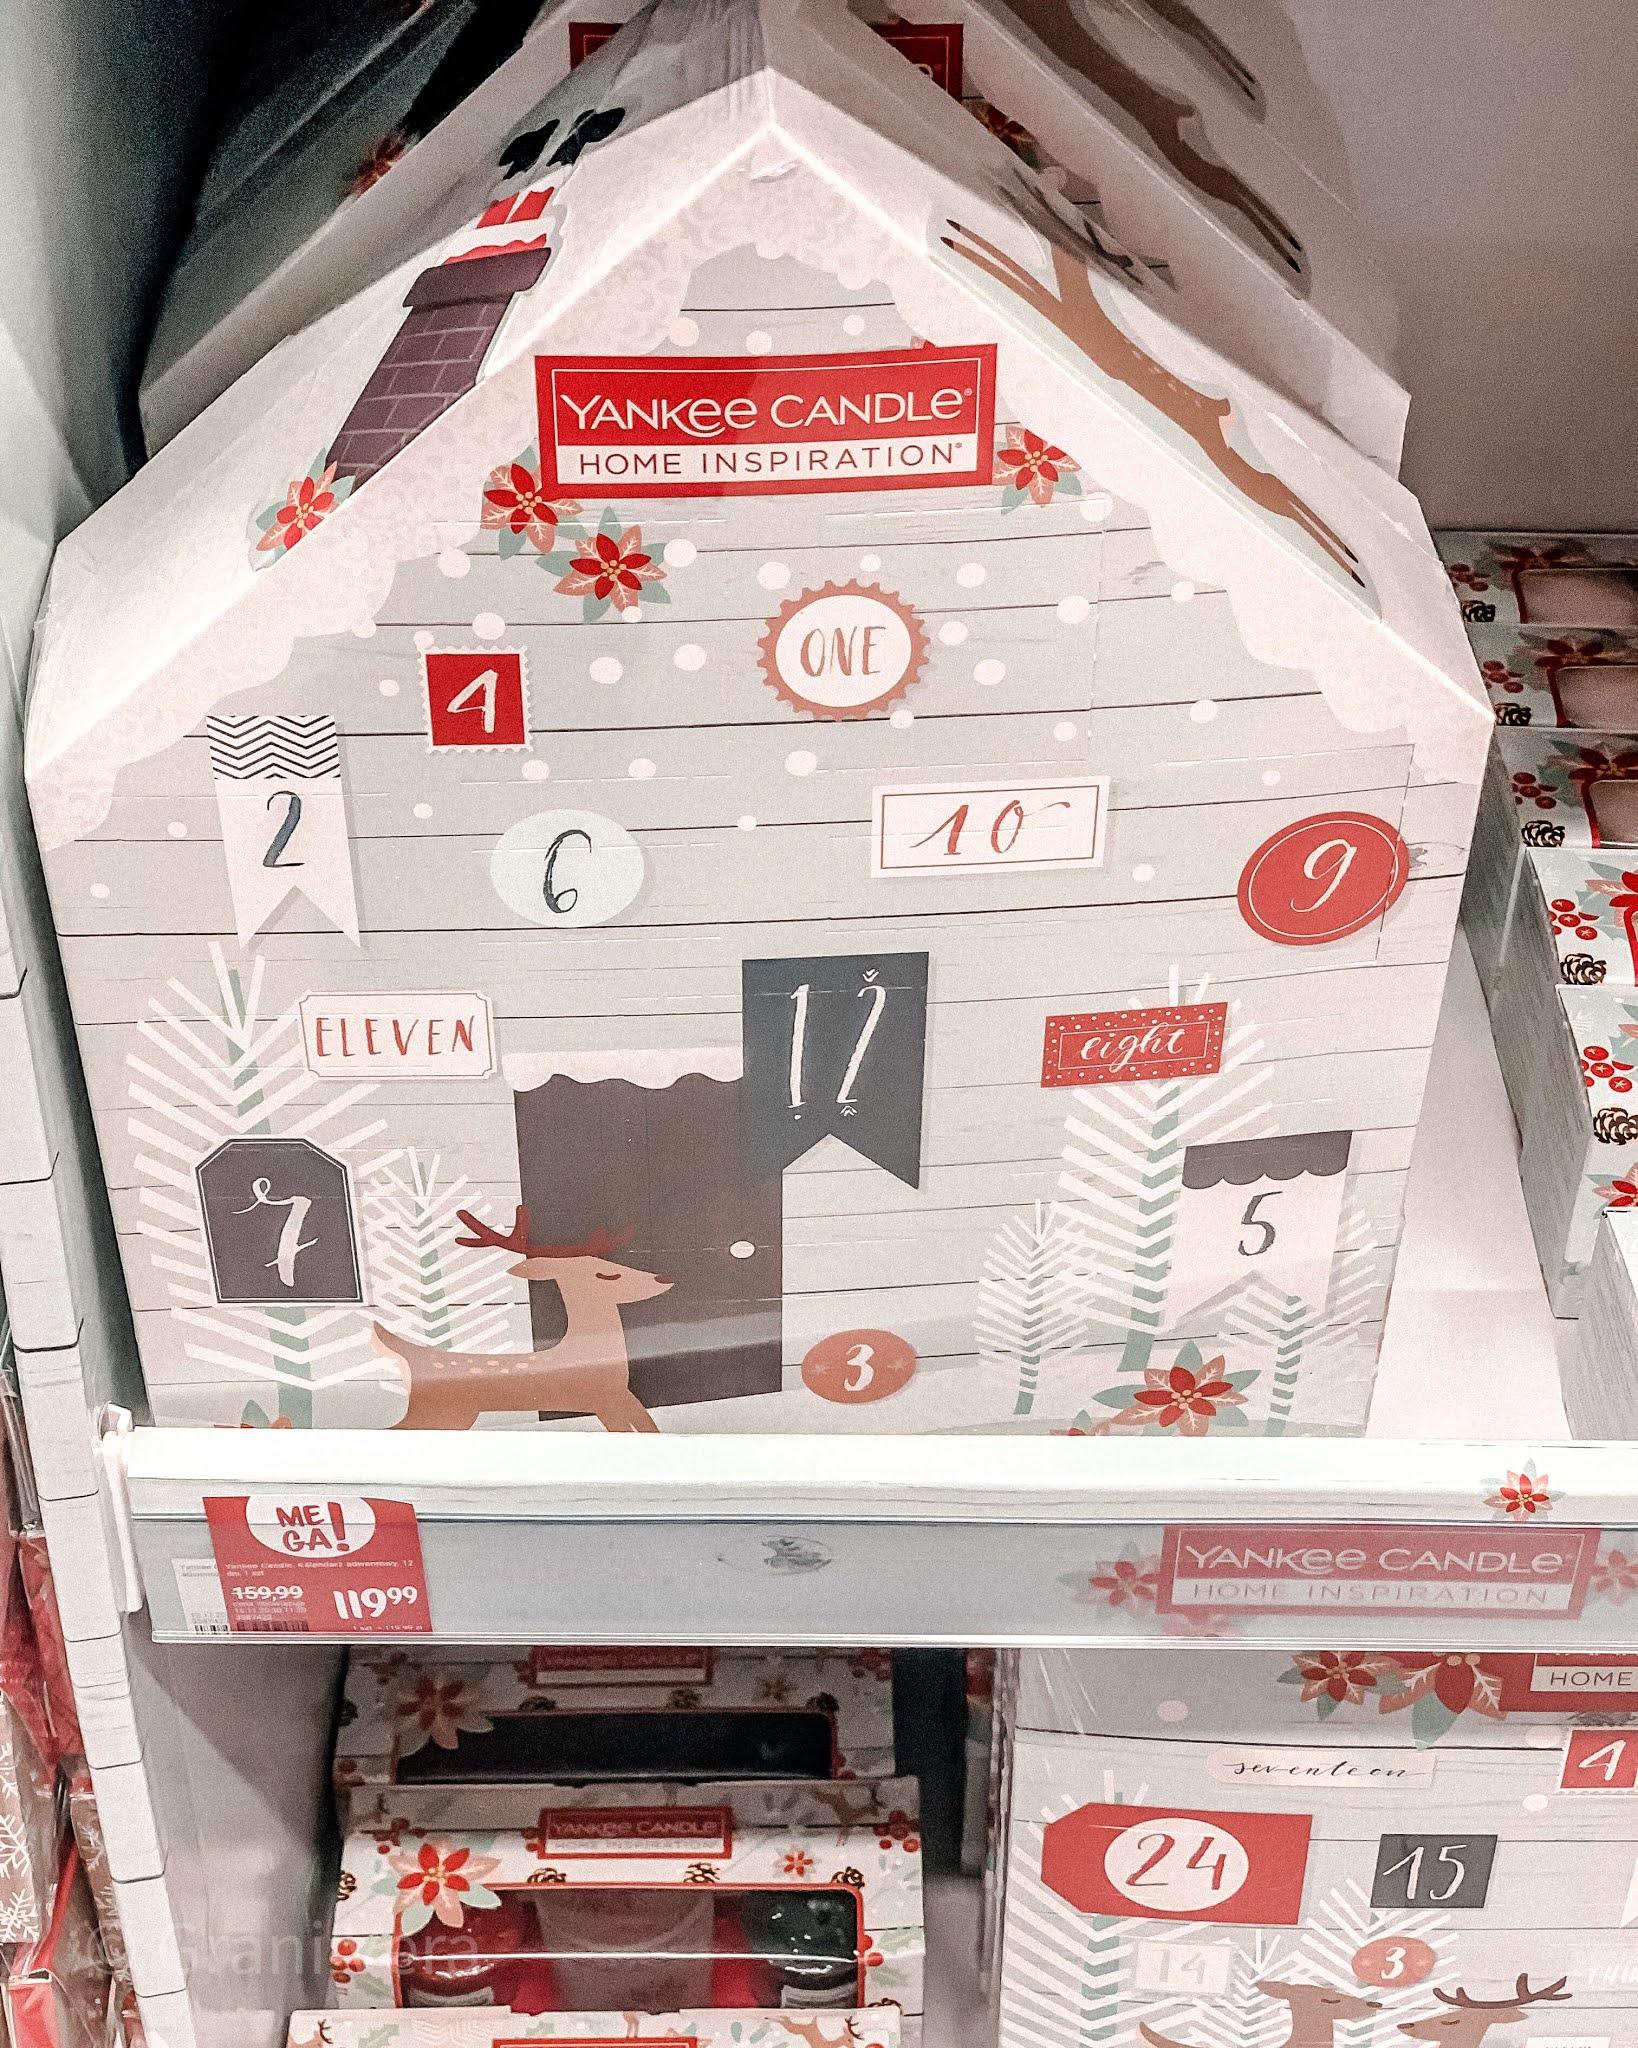 Kalendarze Adwentowe Yankee Candle W Rossmannie Granivera Com Kobiecy Blog Z Nutka Lifestyle